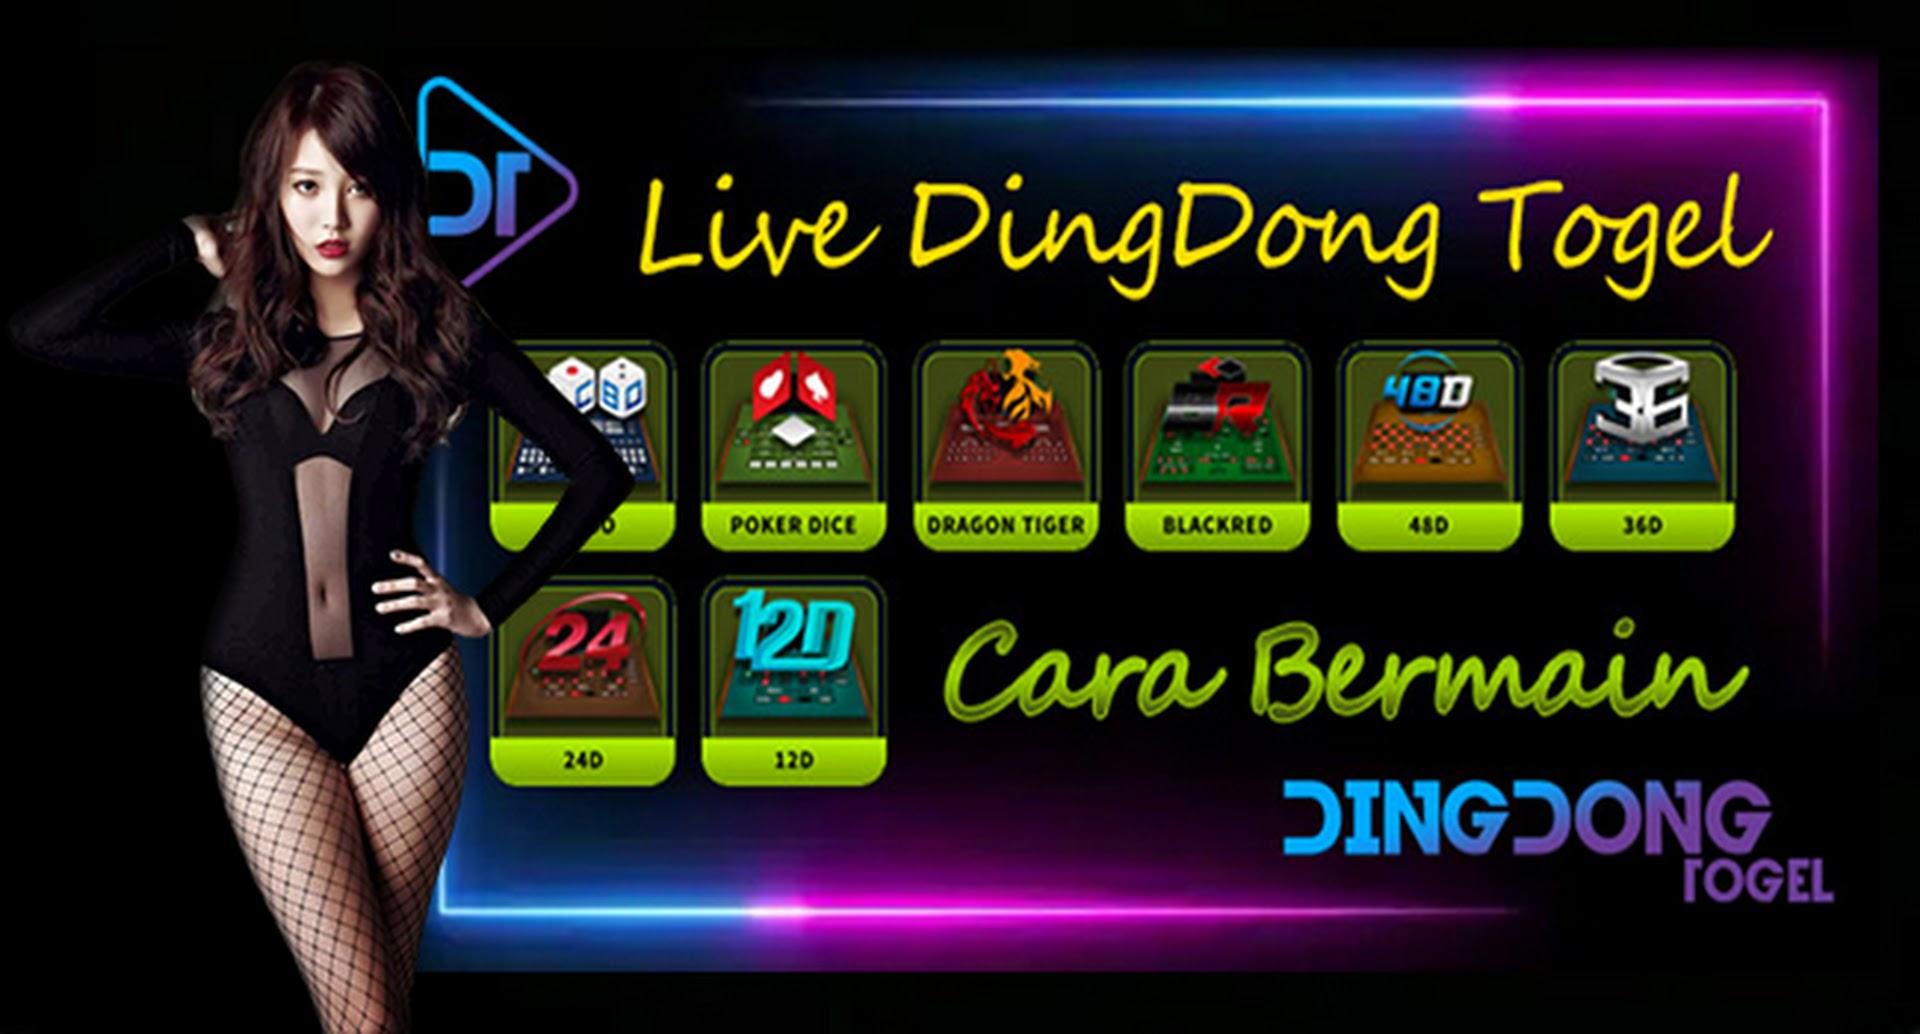 Judi Live Dingdong Togel 24d Spin Yang Memberi Keuntungan